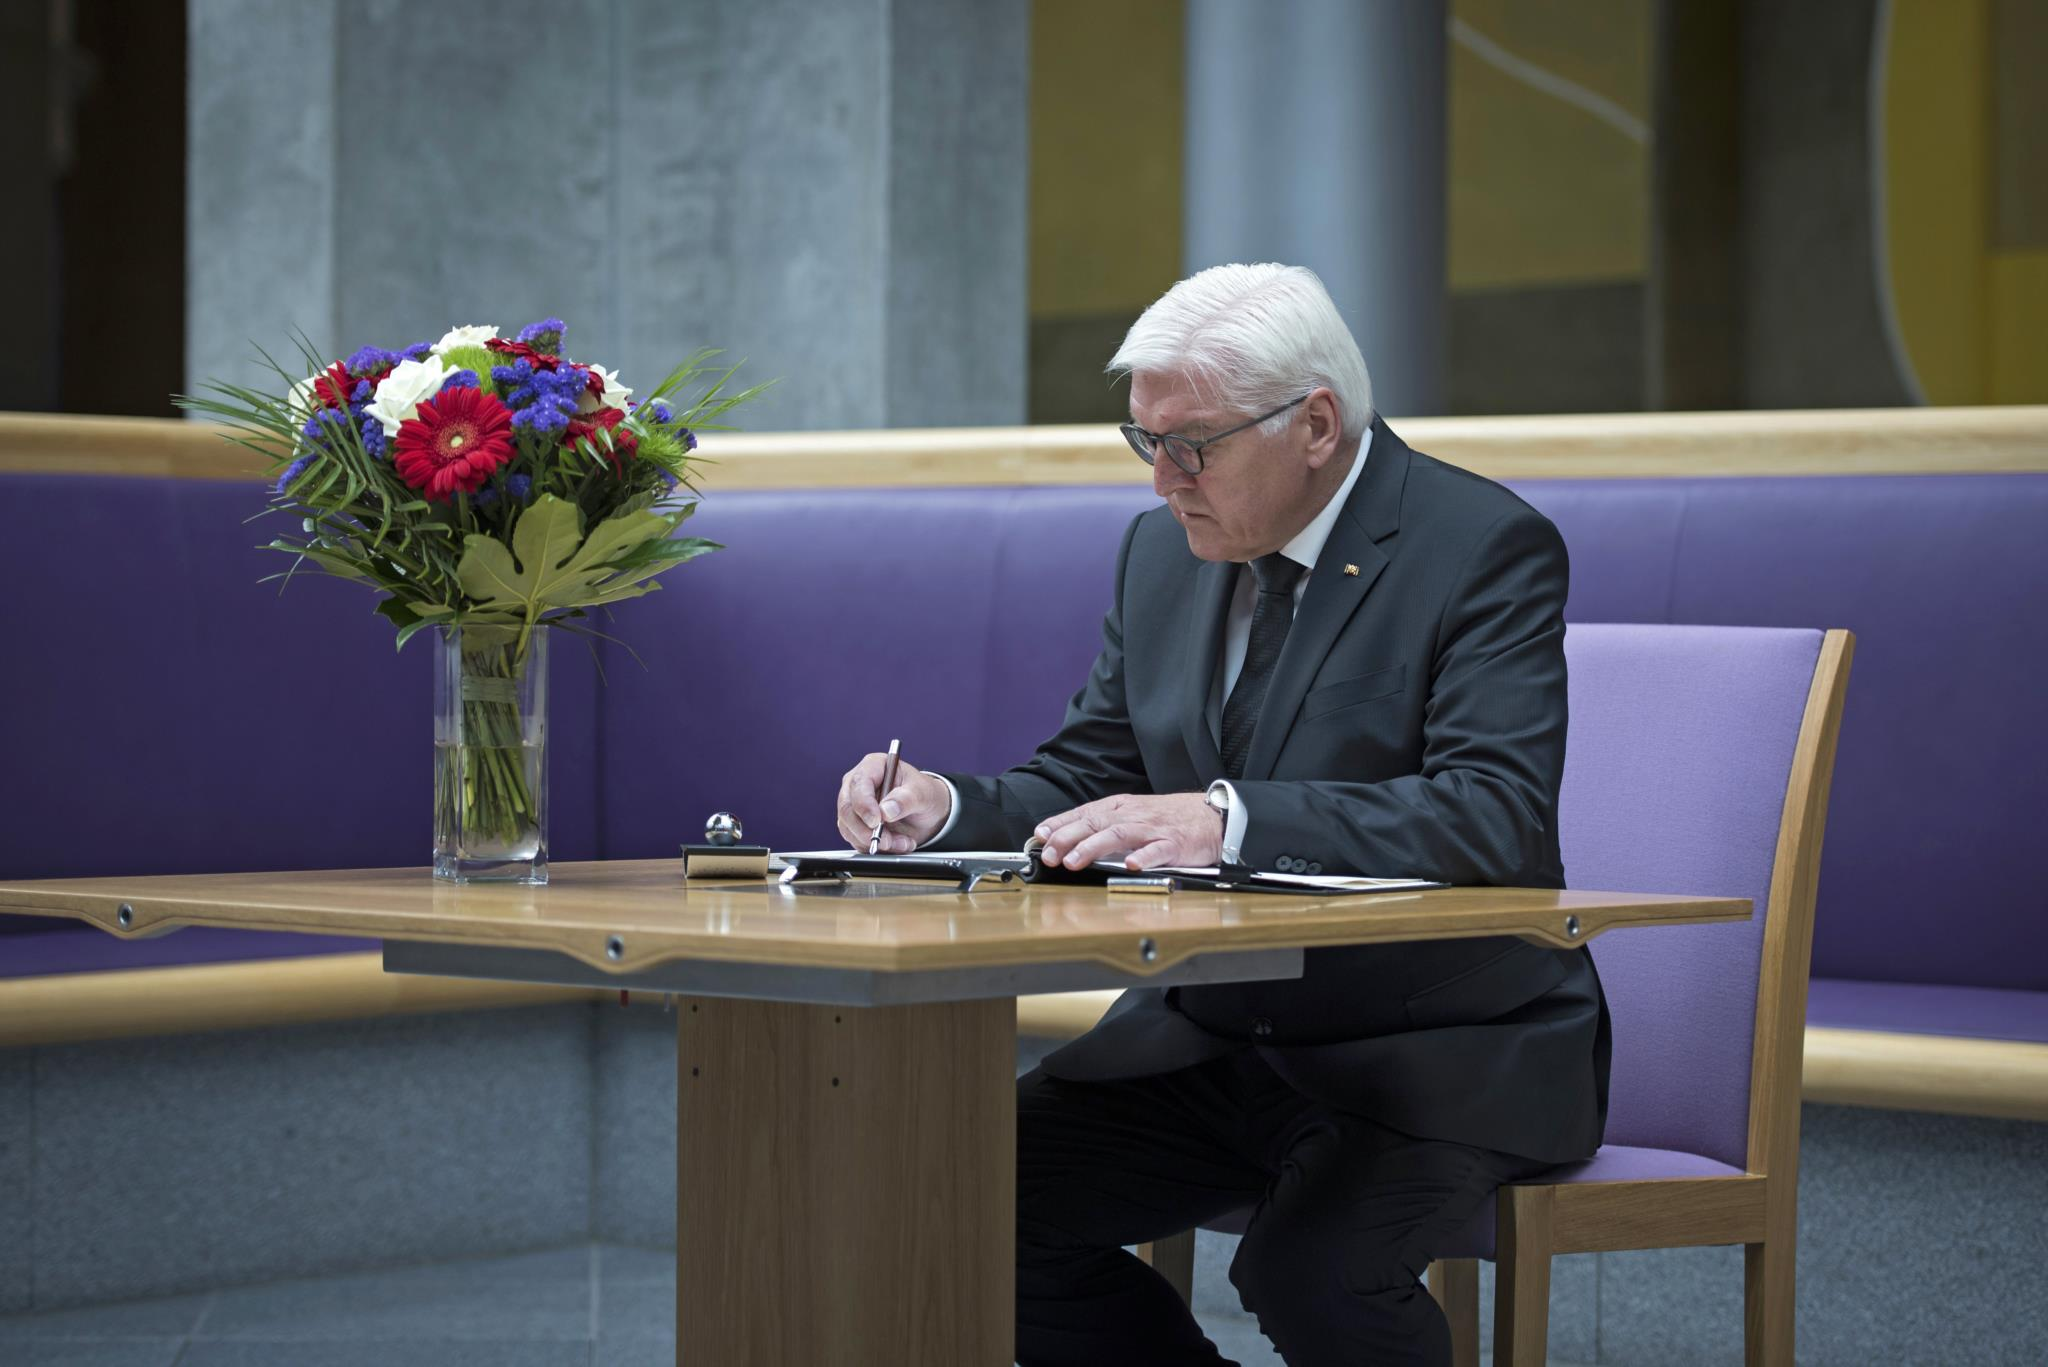 O Presidente alemão Frank-Walter Steinmeier assina o livro de condolências pelas vítimas do ataque em Manchester